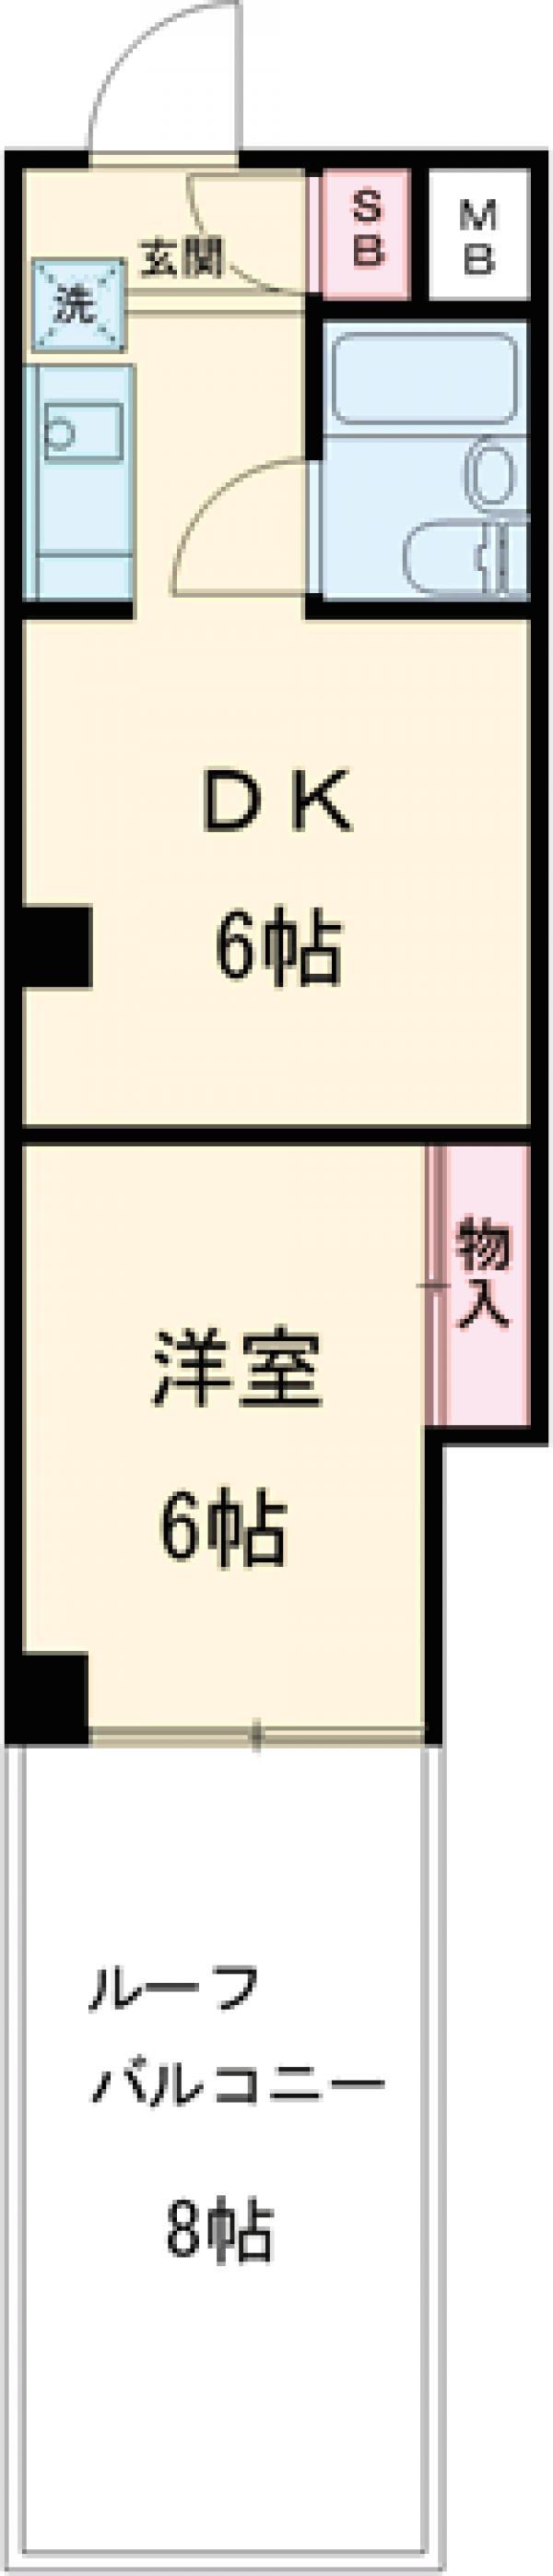 ウィンド聖蹟桜ヶ丘 508号室の間取り